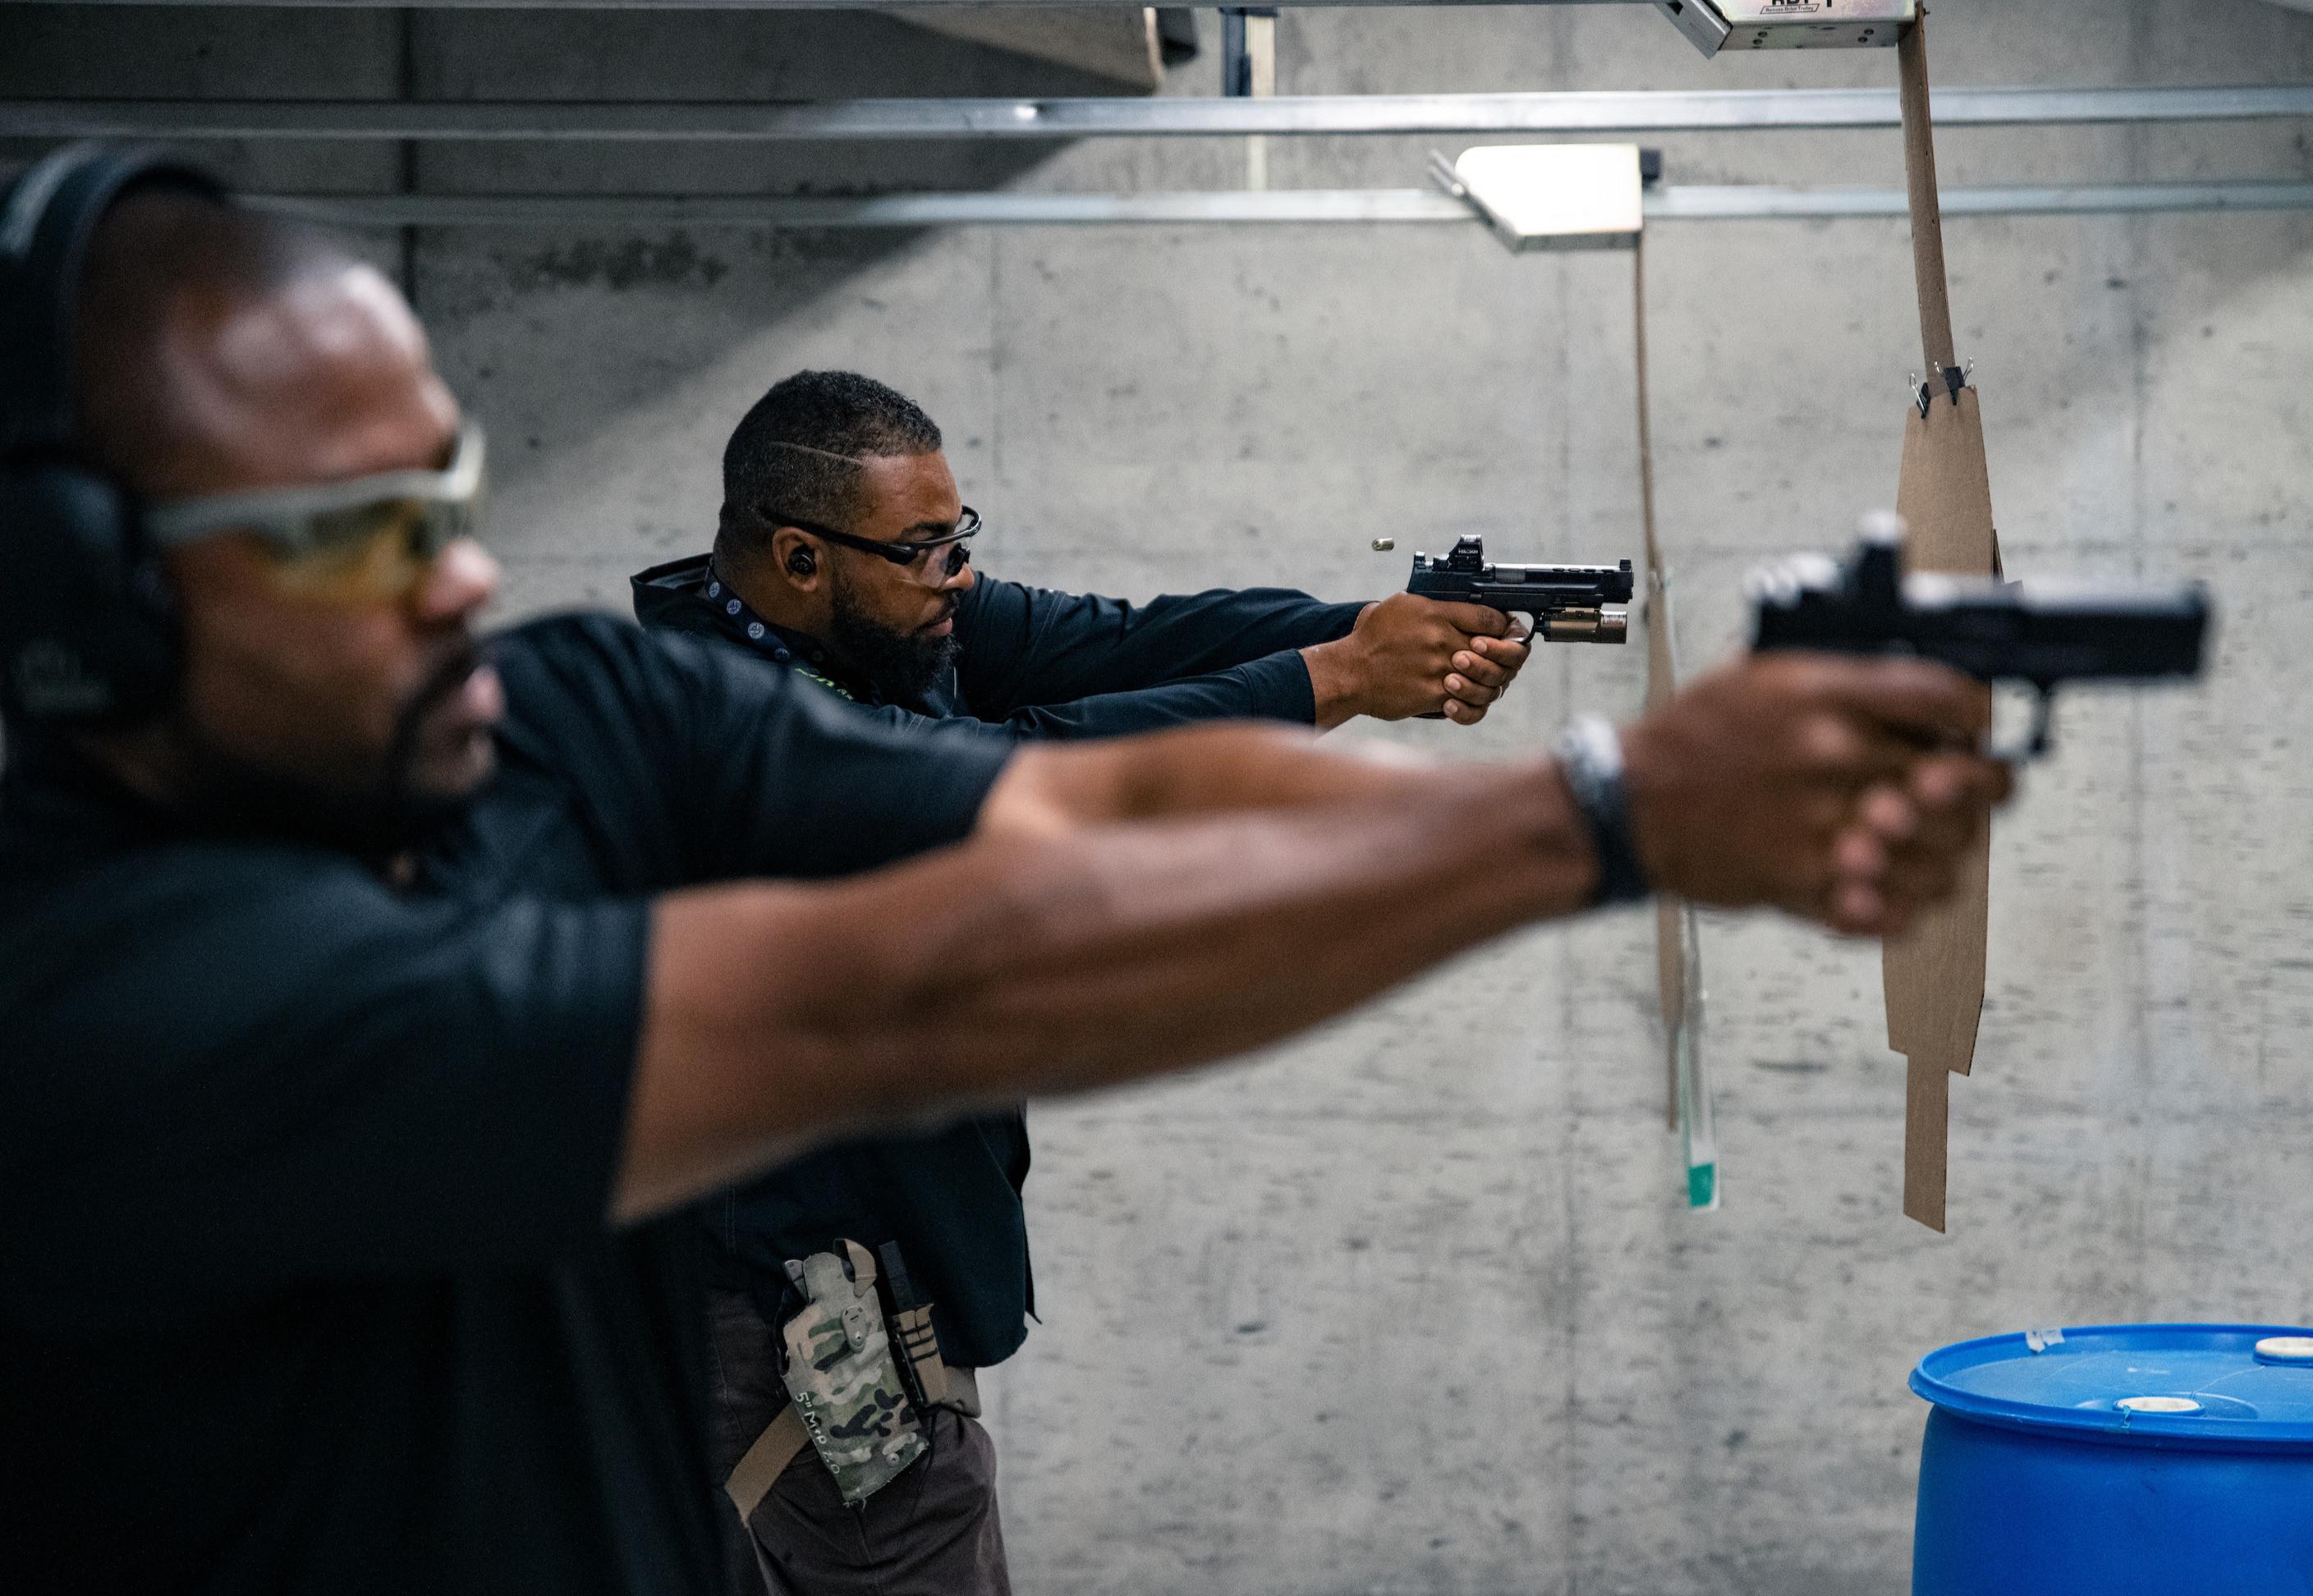 Red Dot Pistol I 10/24/21 Kennesaw, GA